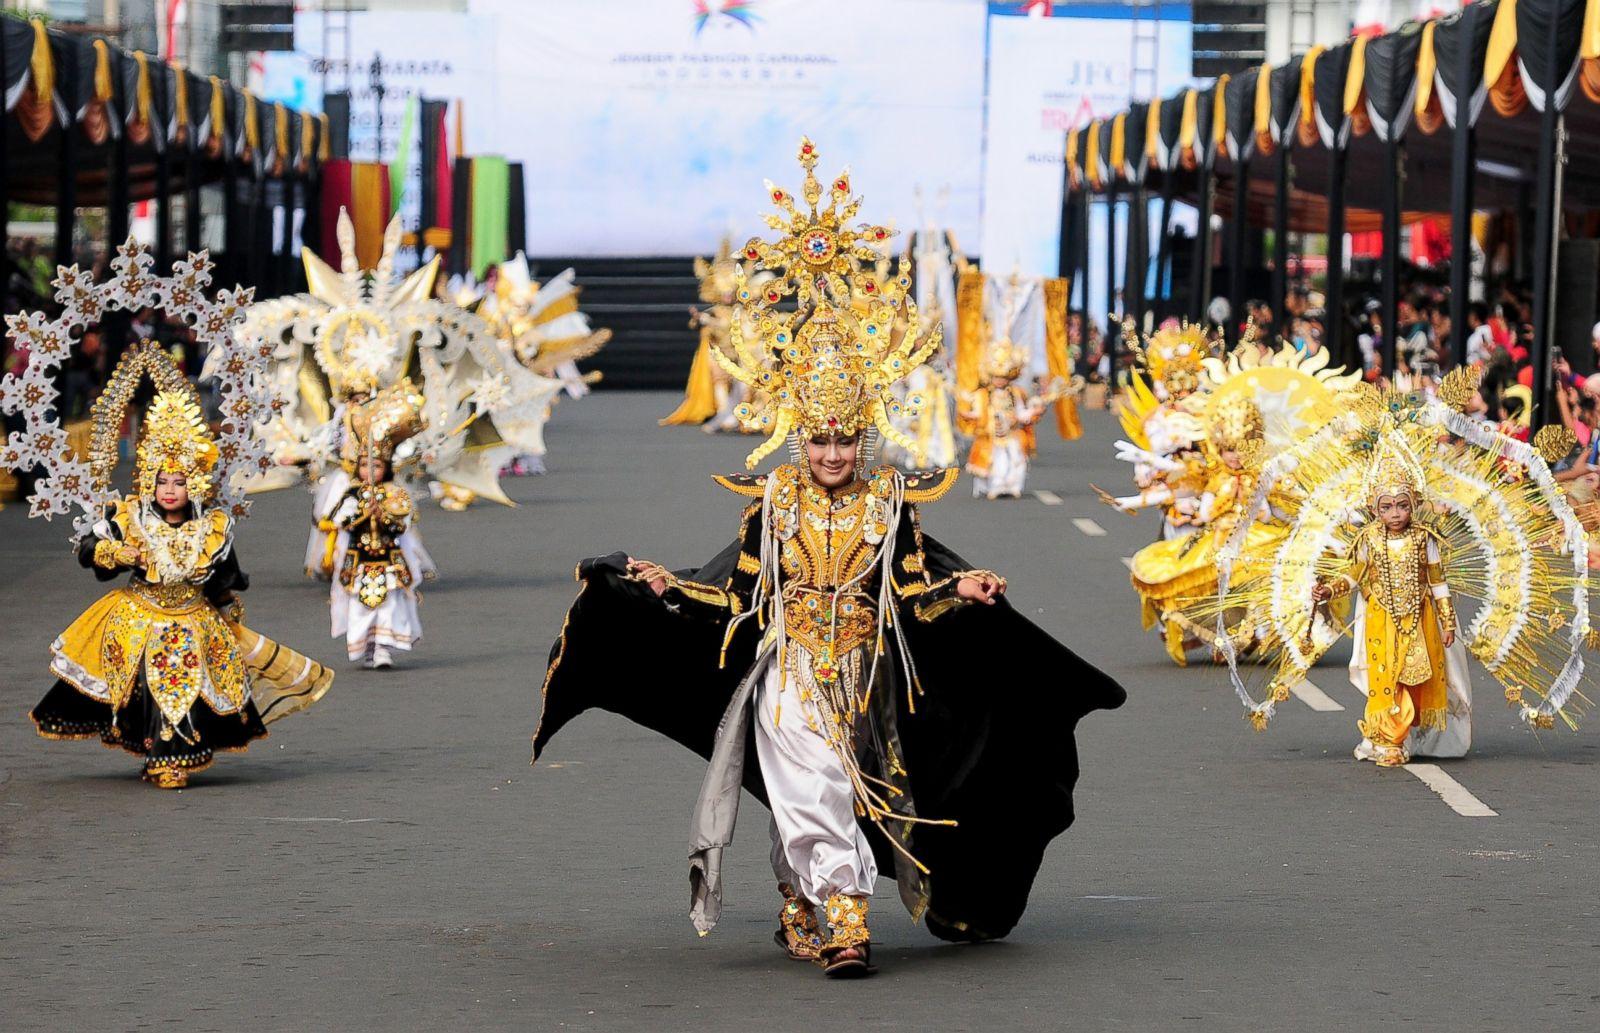 Wilayah Pandalungan menjadi pertemuan dua kultur, Madura dan Jawa. Salah satu daerahnya adalah Jember